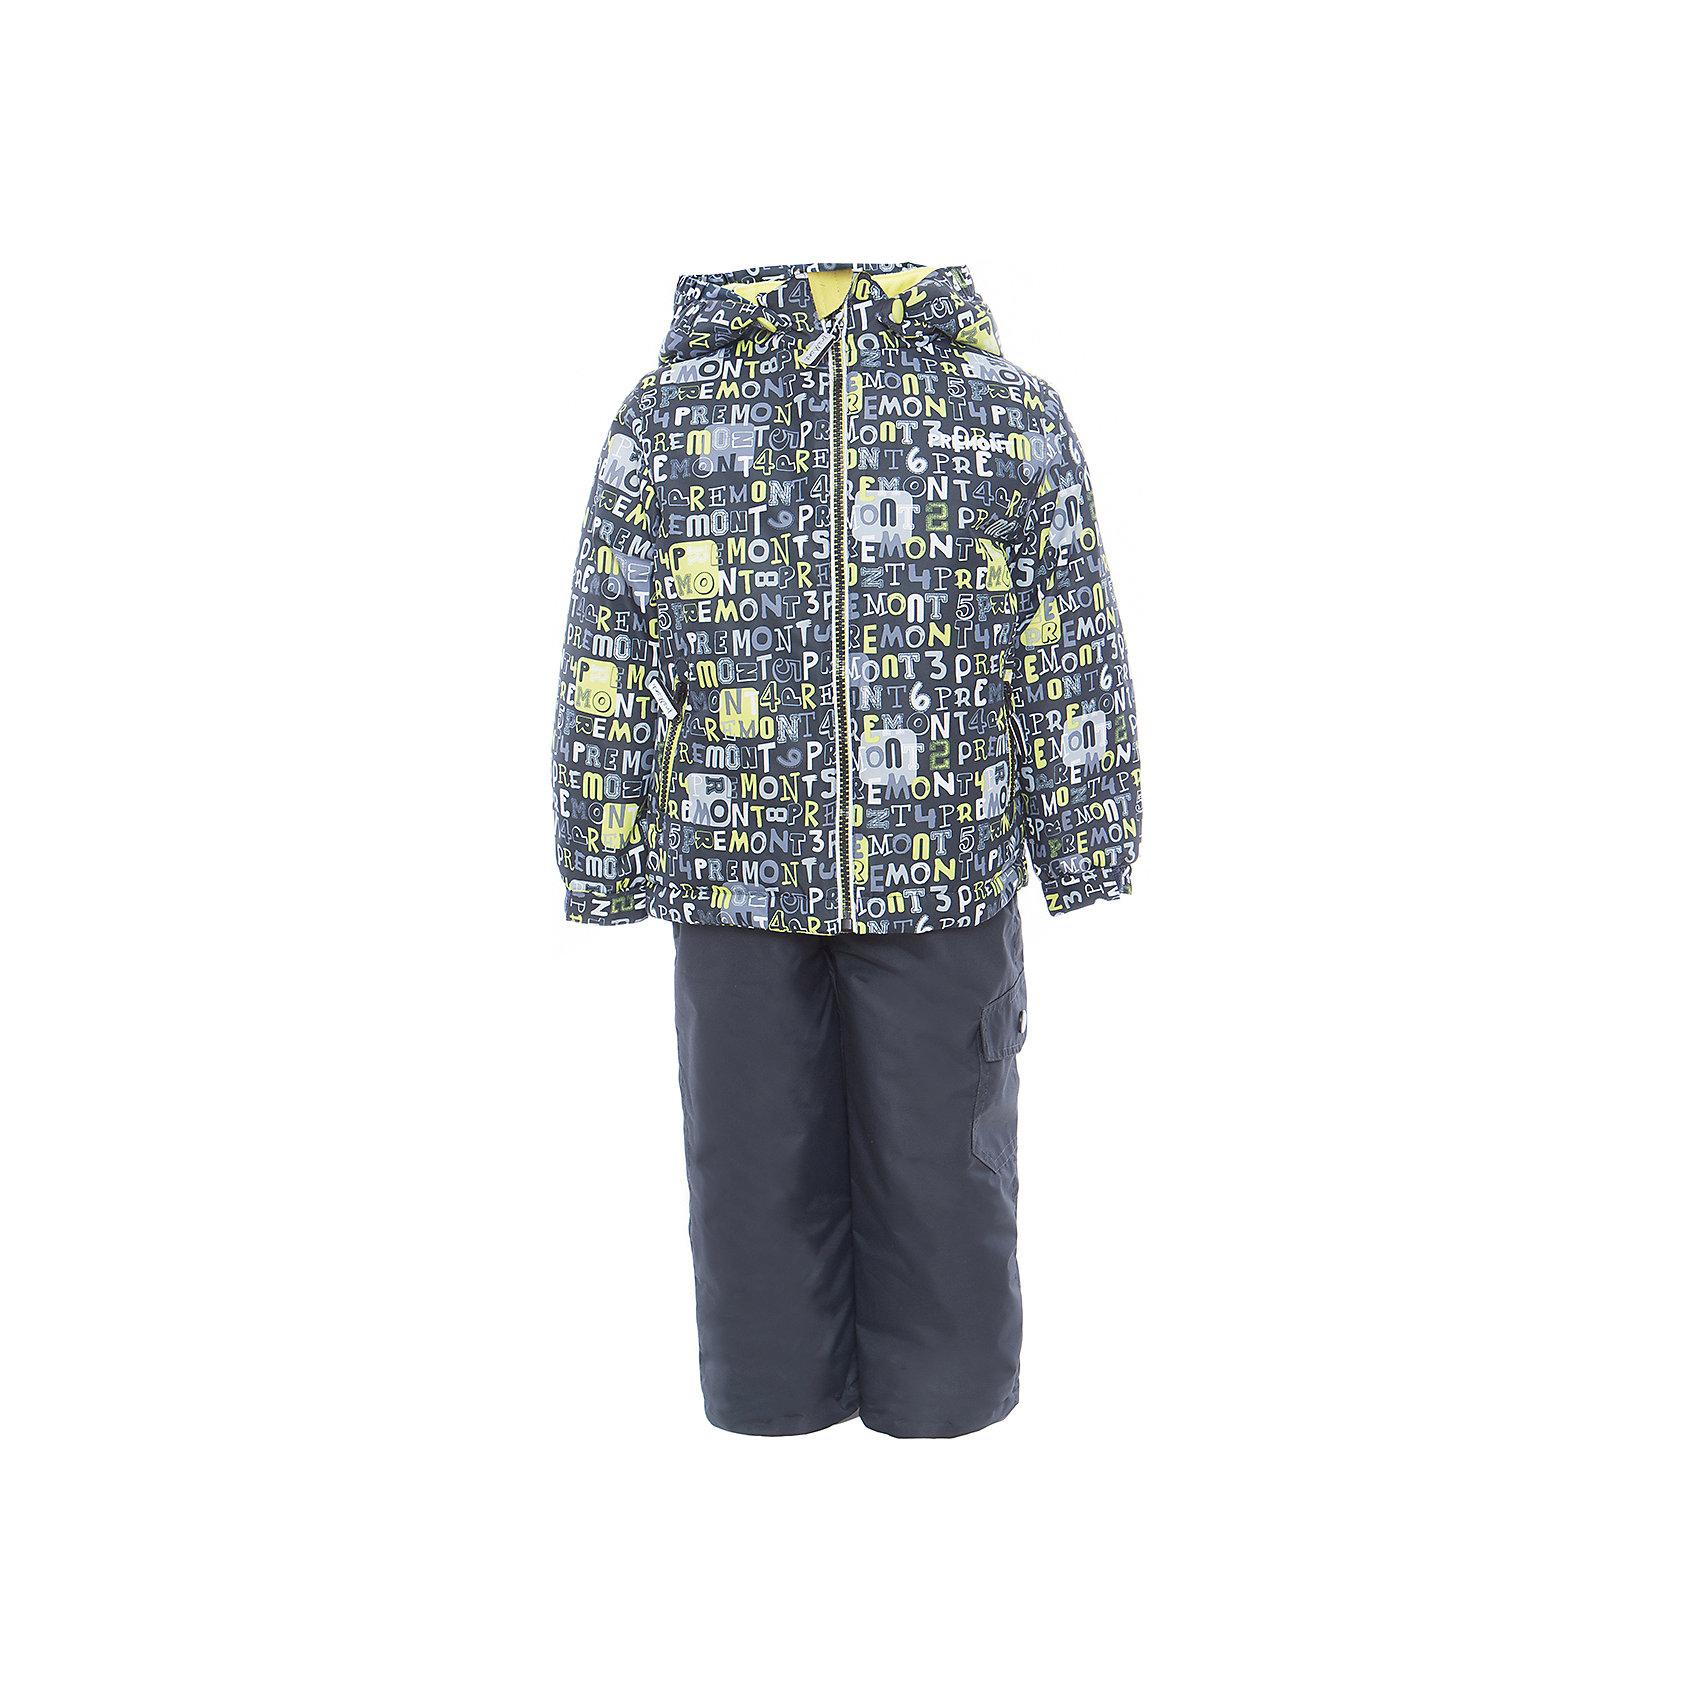 Комплект: куртка и полукомбинезон для мальчика PremontВерхняя одежда<br>Характеристики товара:<br><br>• цвет: серый/чёрный<br>• состав: мембрана 3000мм/3000г/м2/24h<br>• подкладка: трикотаж, Taffeta <br>• утеплитель - Tech-polyfill (120г/м2)<br>• светоотражающие элементы<br>• температурный режим: от -5°С до +10°С<br>• застежка - молния<br>• капюшон съемный<br>• принт<br>• ветронепроницаемый, водо- и грязеотталкивающий и дышащий материал<br>• эластичные манжеты<br>• регулируемые подтяжки<br>• комфортная посадка<br>• страна бренда: Канада<br><br>Демисезонный комплект из куртки и брюк - универсальный вариант и для прохладной осени, и для первых заморозков. Эта модель - модная и удобная одновременно! Куртка отличается стильным ярким дизайном. Комплект хорошо сидит по фигуре, отлично сочетается с различной обувью. Вещь была разработана специально для детей.<br><br>Одежда от канадского бренда Premont уже завоевала популярностью у многих детей и их родителей. Вещи, выпускаемые компанией, качественные, продуманные и очень удобные. Для производства коллекций используются только безопасные для детей материалы.<br><br>Комплект: куртка и полукомбинезон от бренда Premont можно купить в нашем интернет-магазине.<br><br>Ширина мм: 356<br>Глубина мм: 10<br>Высота мм: 245<br>Вес г: 519<br>Цвет: черный<br>Возраст от месяцев: 60<br>Возраст до месяцев: 72<br>Пол: Мужской<br>Возраст: Детский<br>Размер: 116,128,122,110,104,98,92,152,146,140,134<br>SKU: 5353073